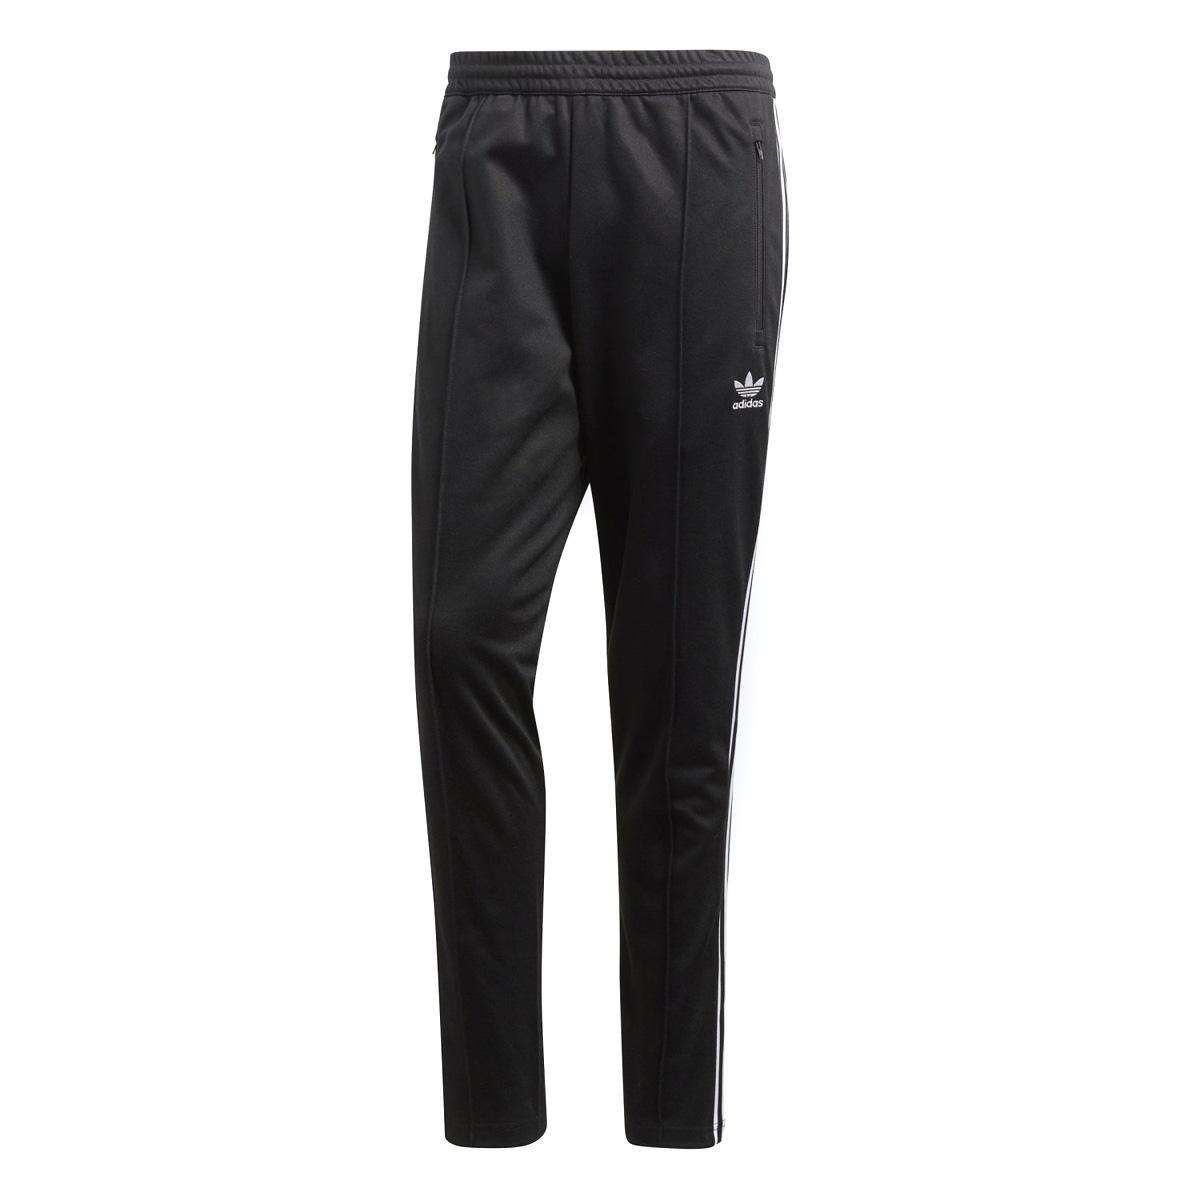 adidas Originals BECKENBAUER TRACK PANTS (アディダス オリジナルス ベッケンバウアー トラックパンツ) Black【メンズ パンツ】20SS-I